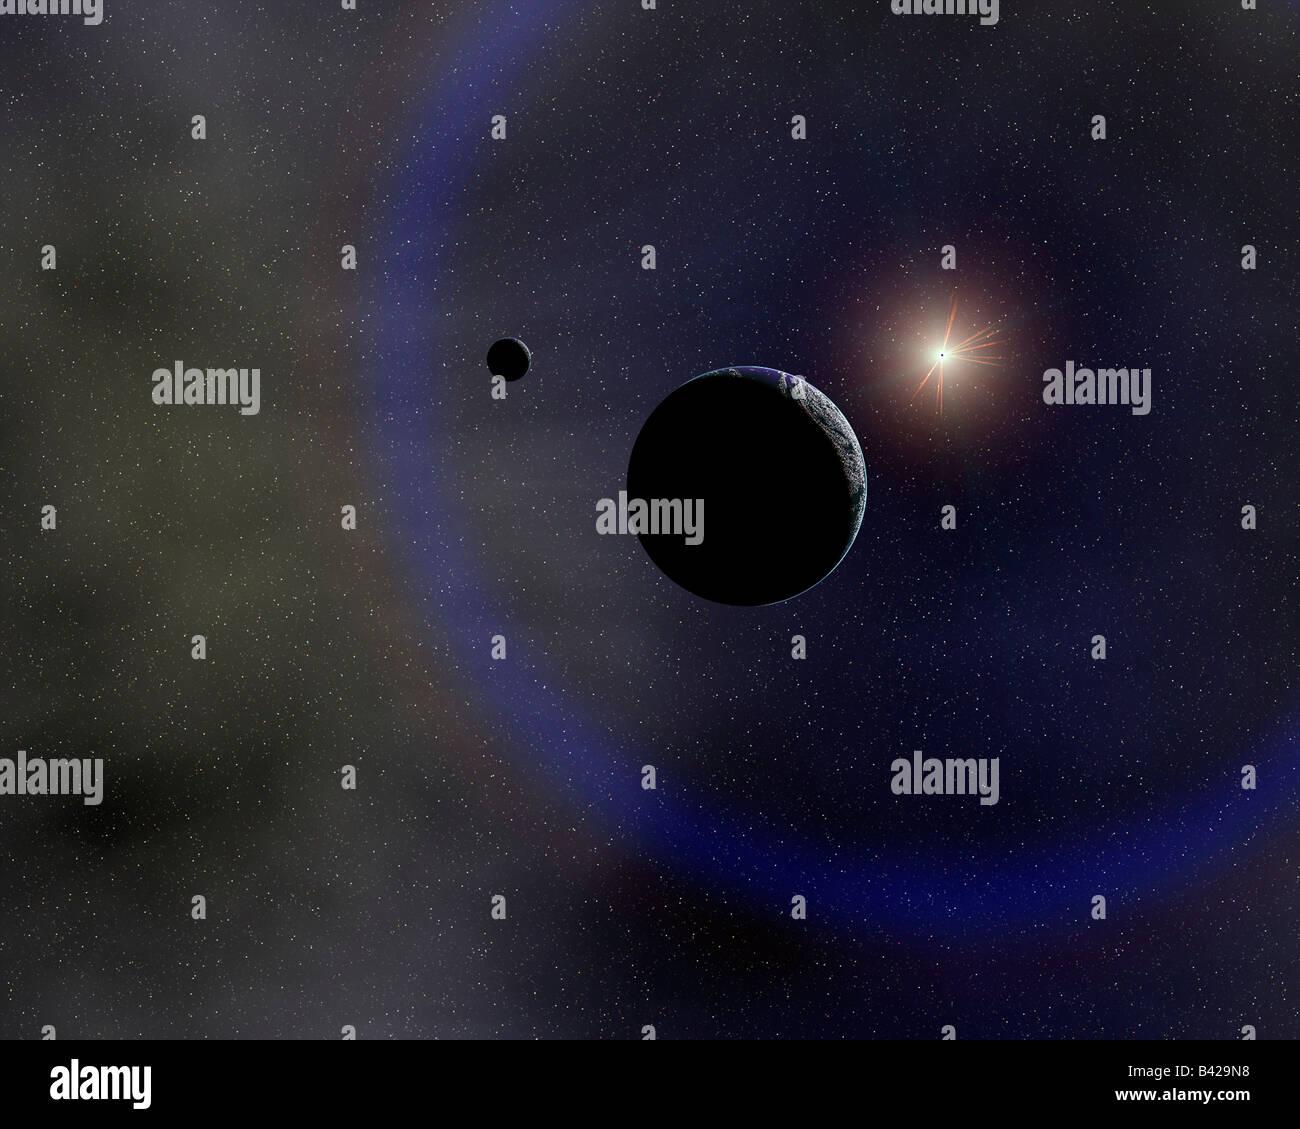 La Terre et la Lune en orbite autour du Soleil. Photo Stock